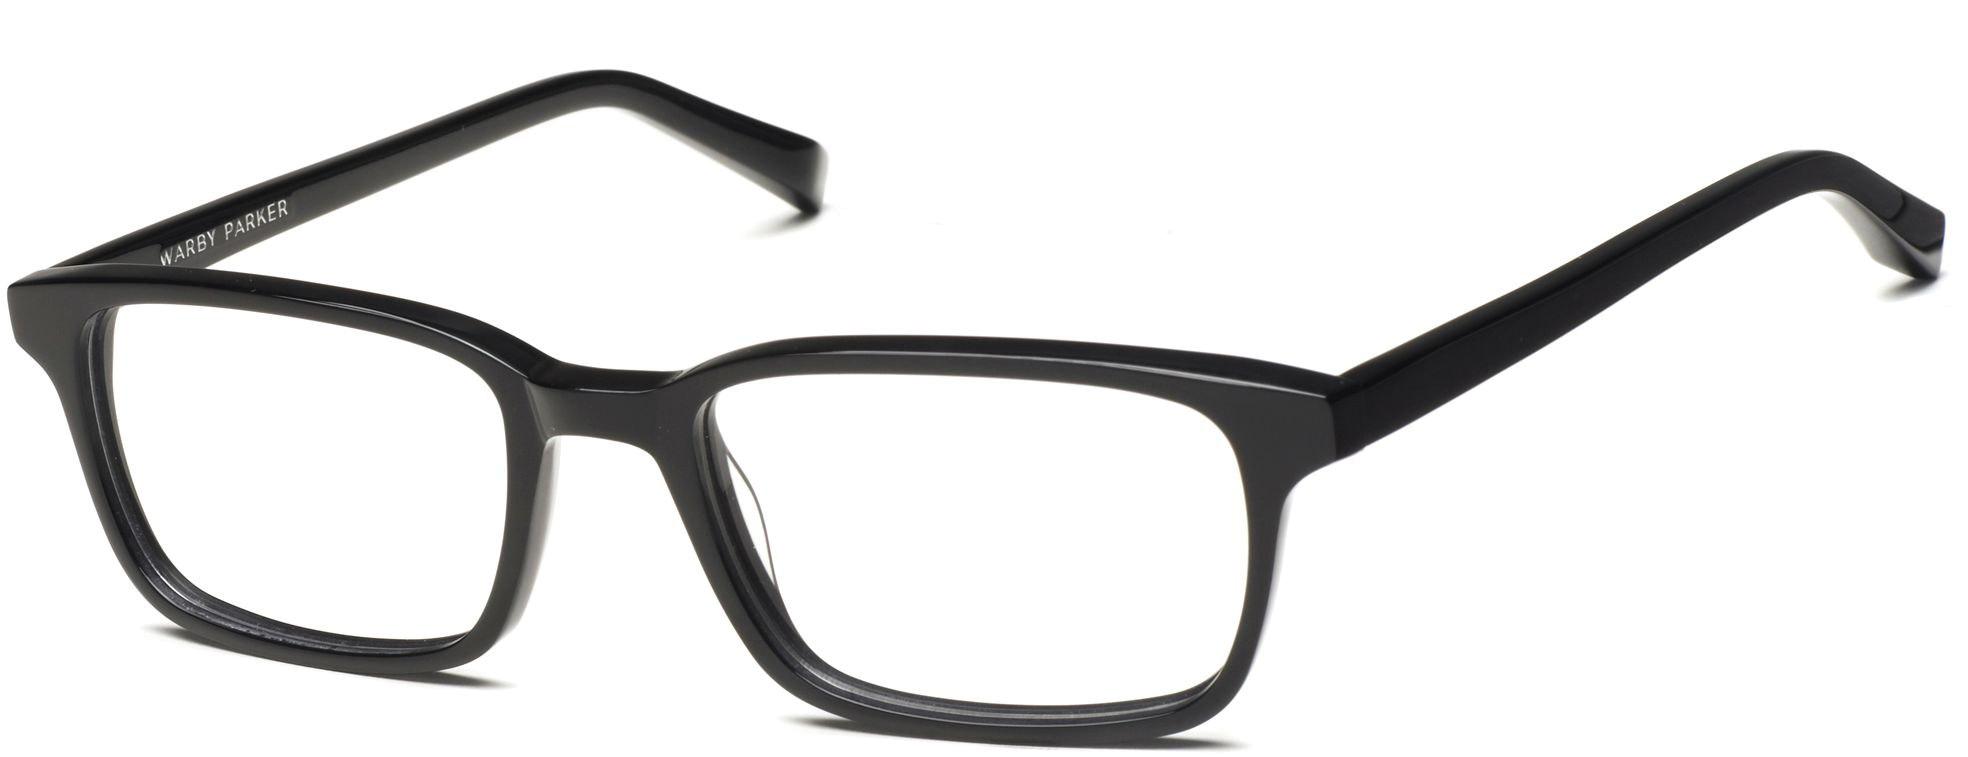 Black-Glasses-PNG-Background-Image